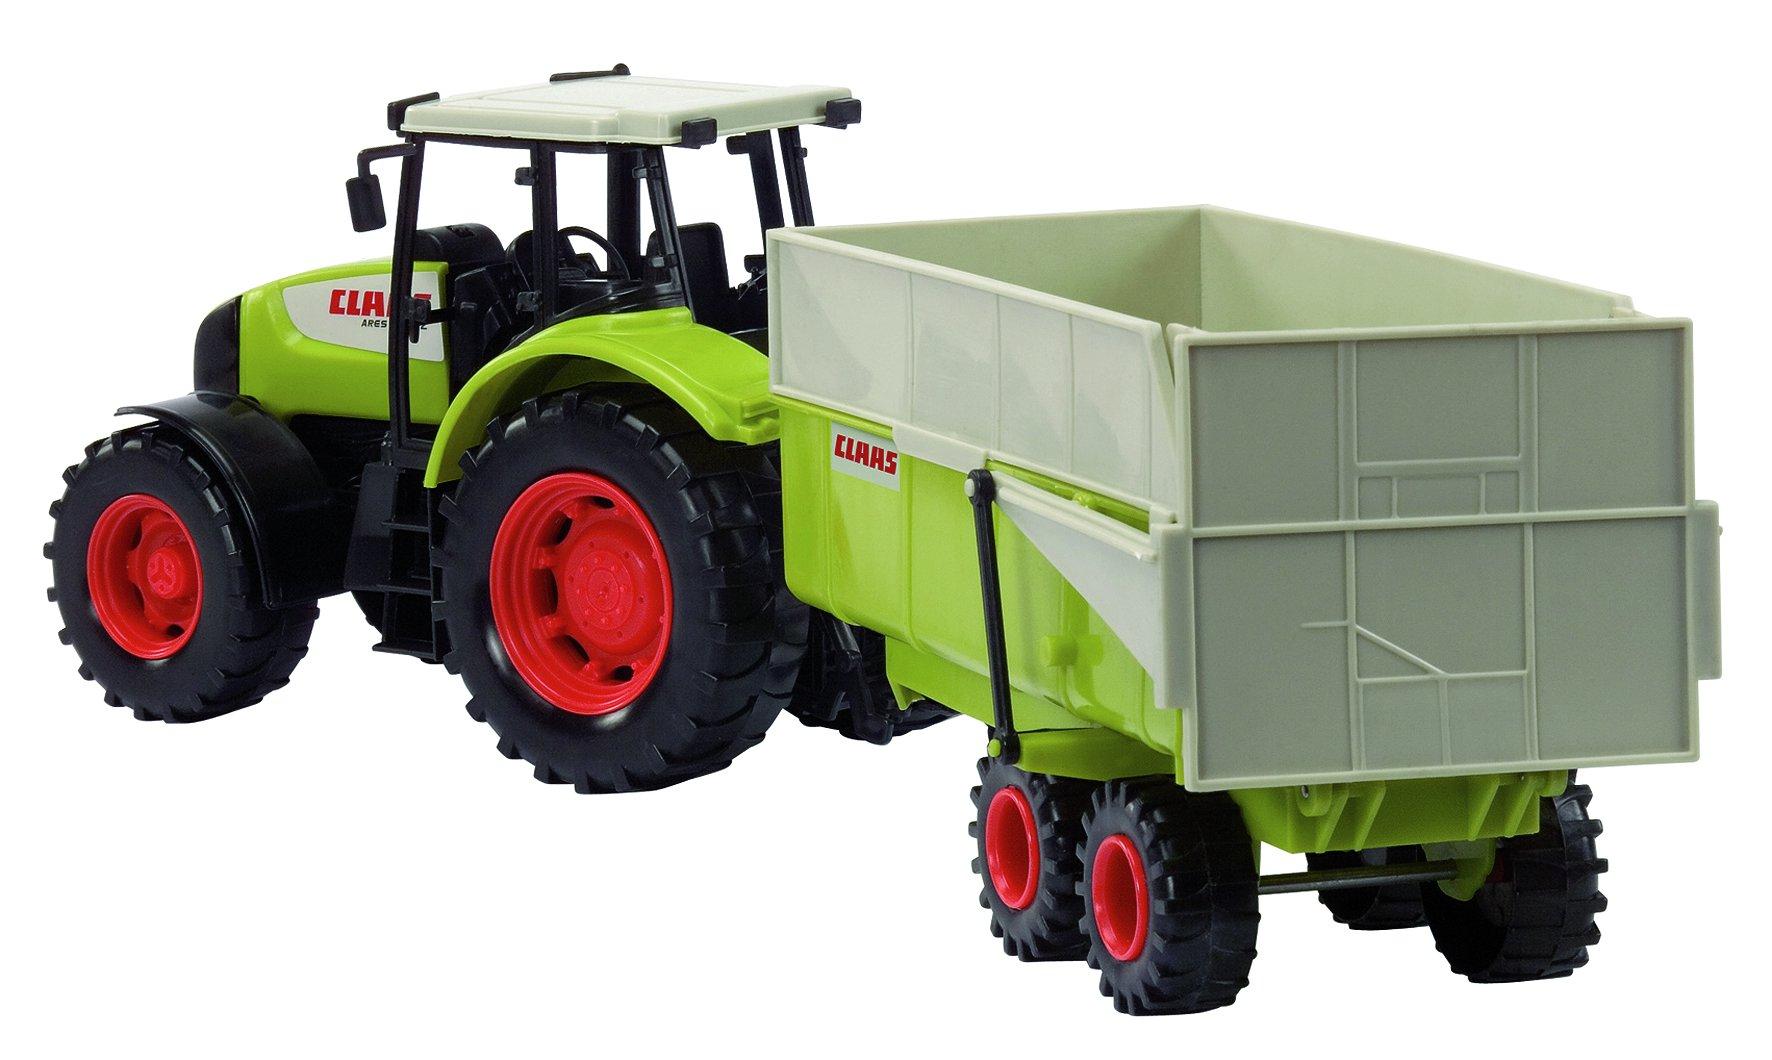 Dickie traktor claas ares anhänger günstig online kaufen